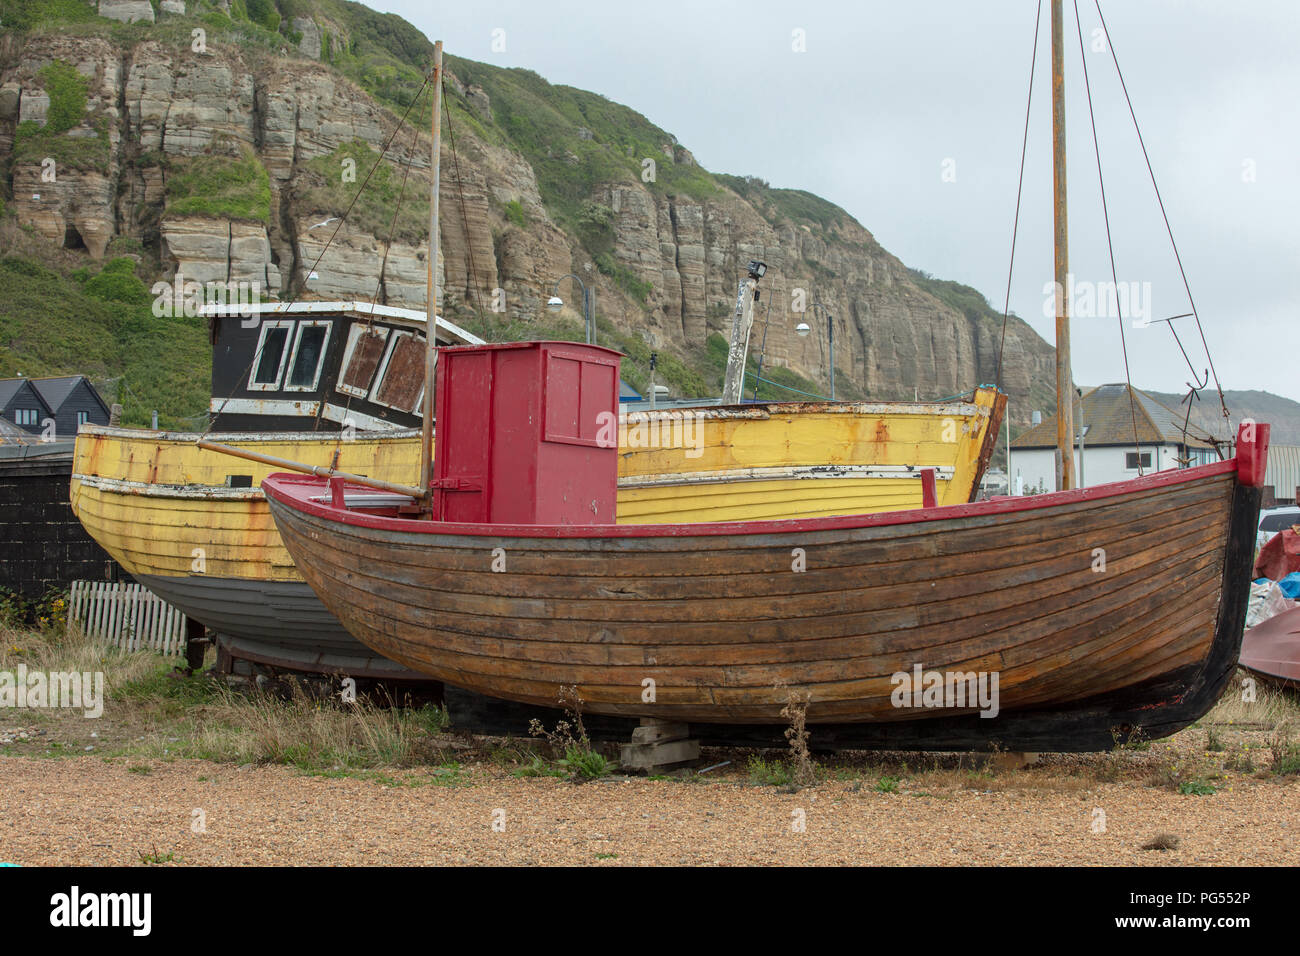 Fiishing Boote an der Hastings Beach und wartet darauf, von den einheimischen Fischern für ihre nachhaltige livelyhood ausgestoßen zu werden, und eine touristische Attraktion. Stockbild